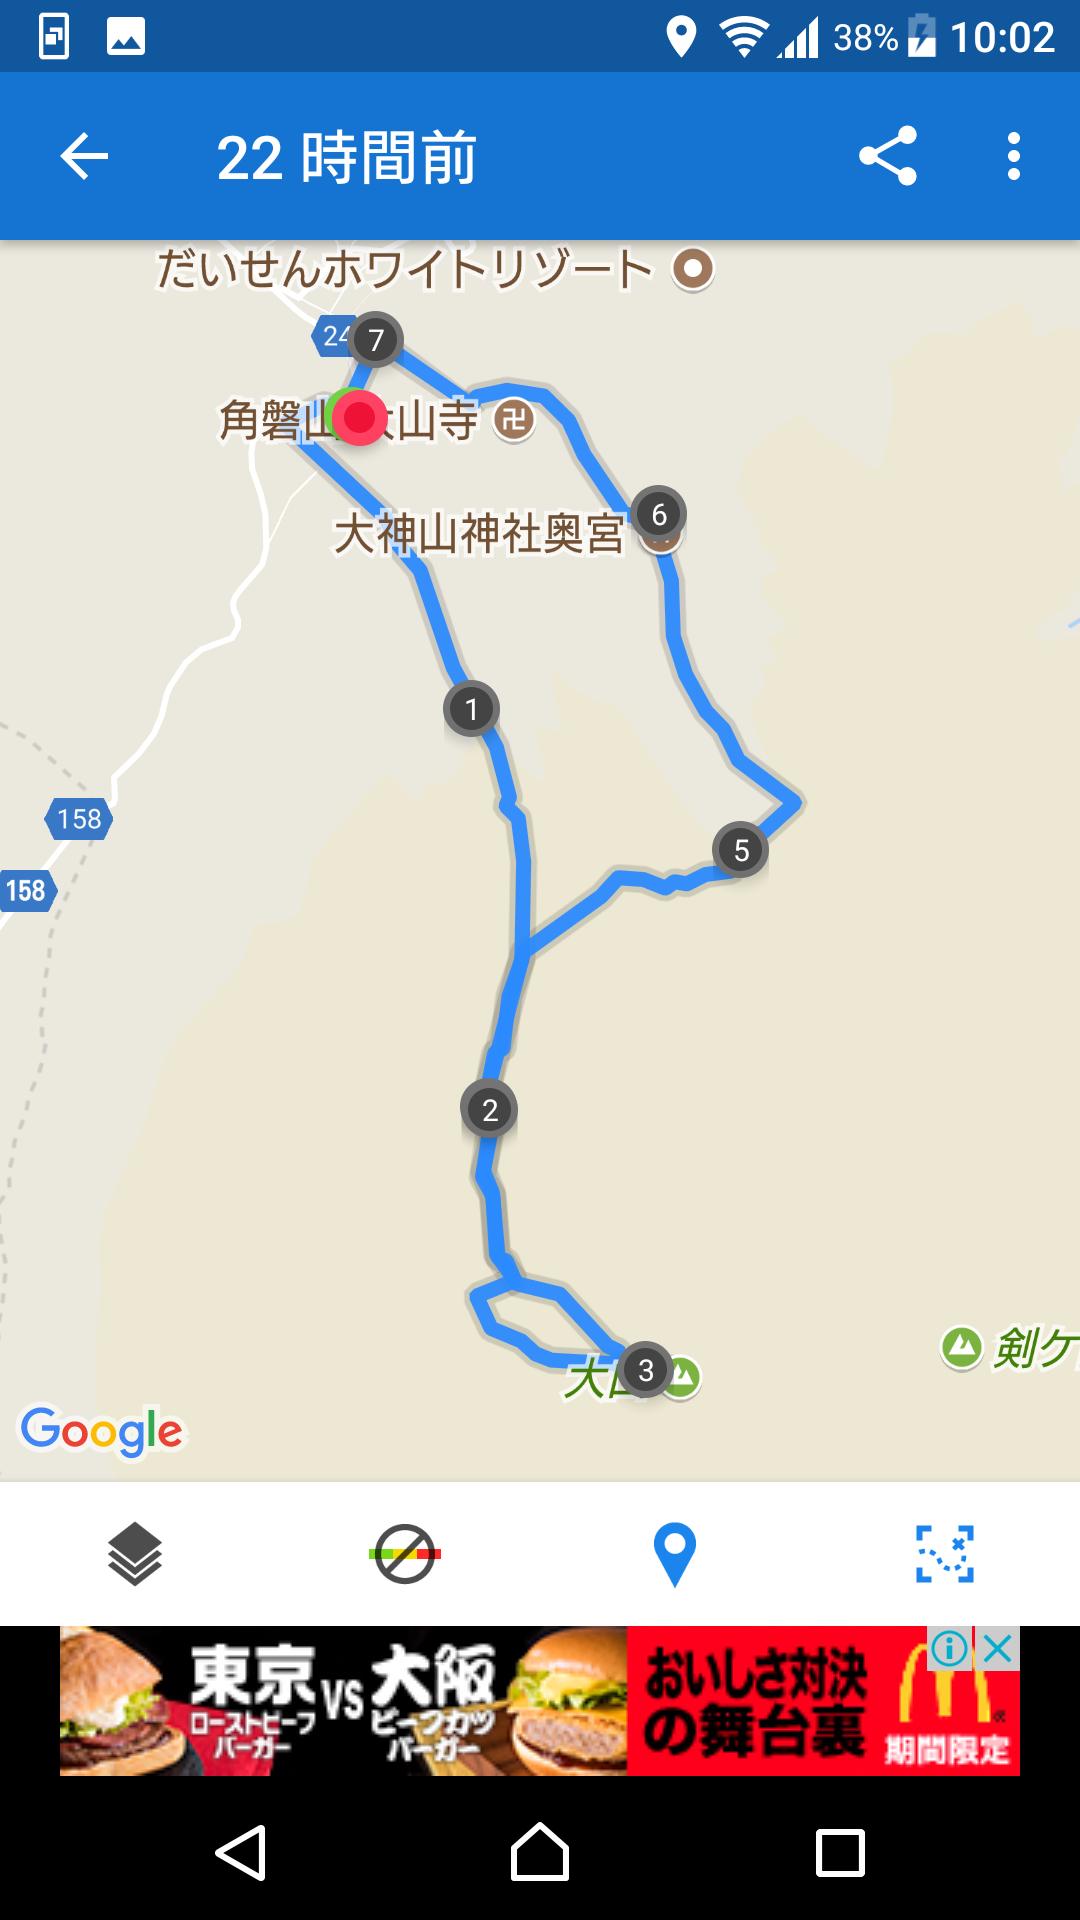 f:id:ynakayama27:20170808164551p:plain